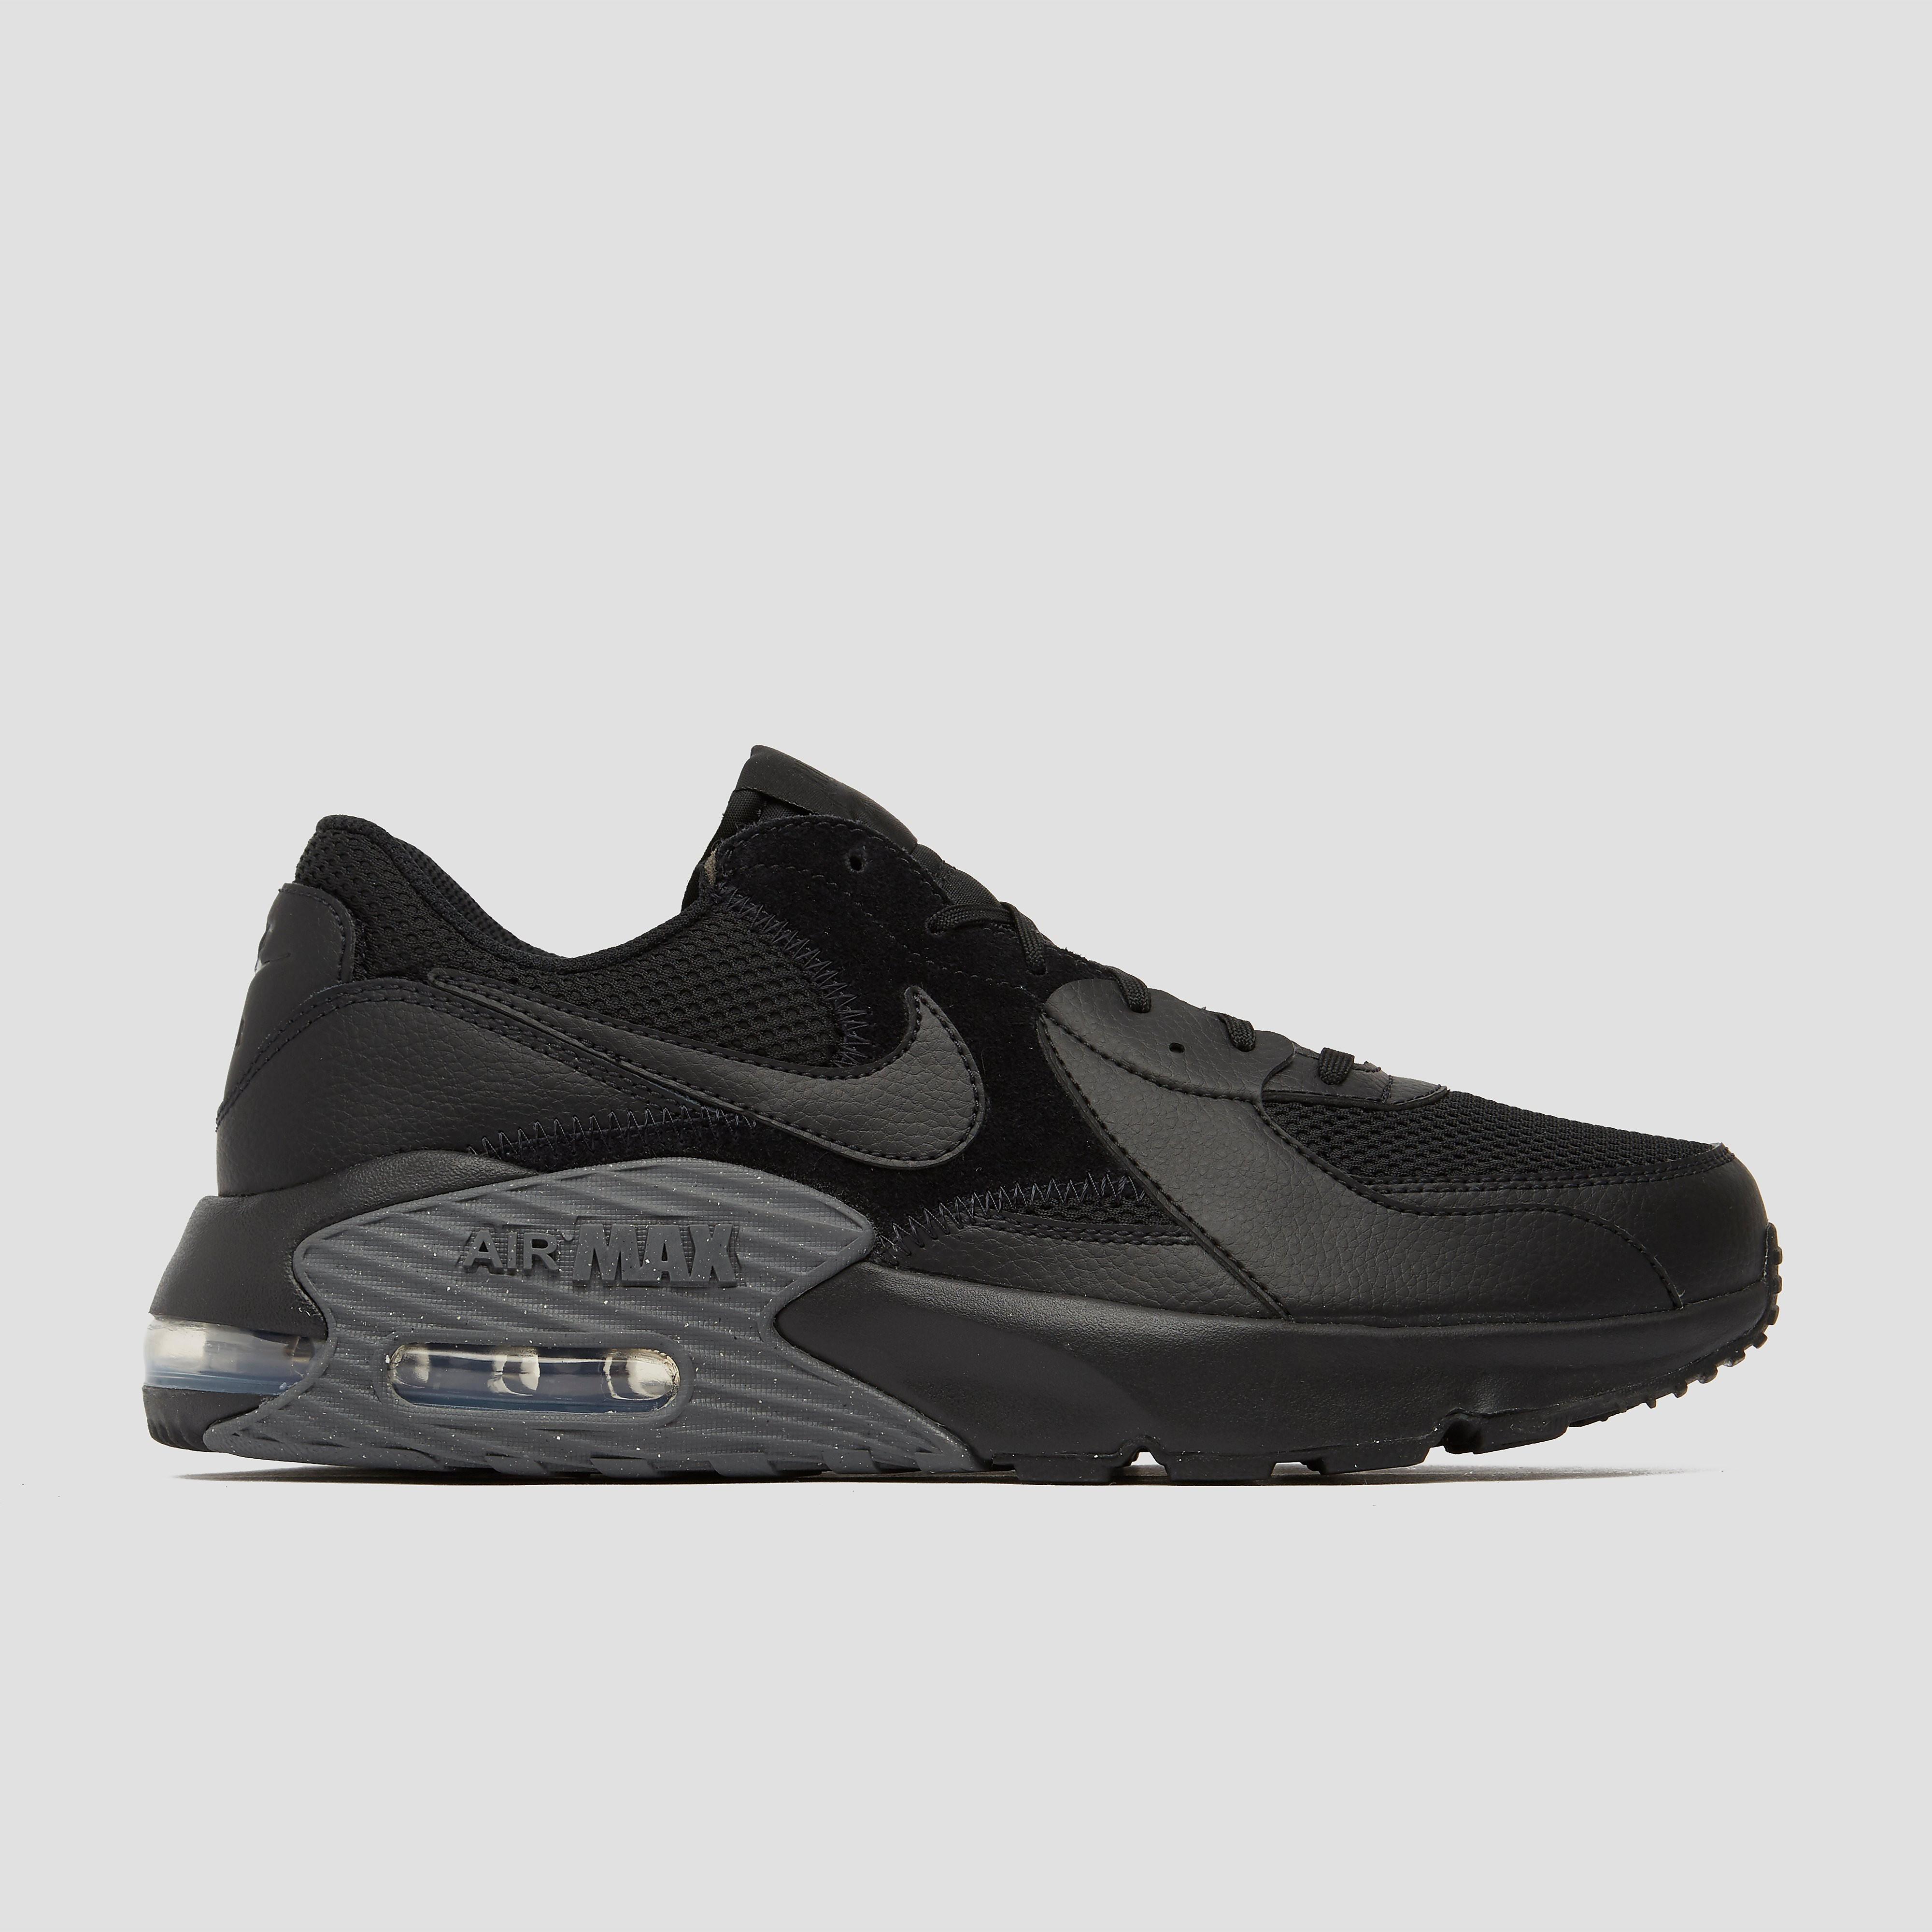 NIKE Air max excee sneakers zwart heren online kopen